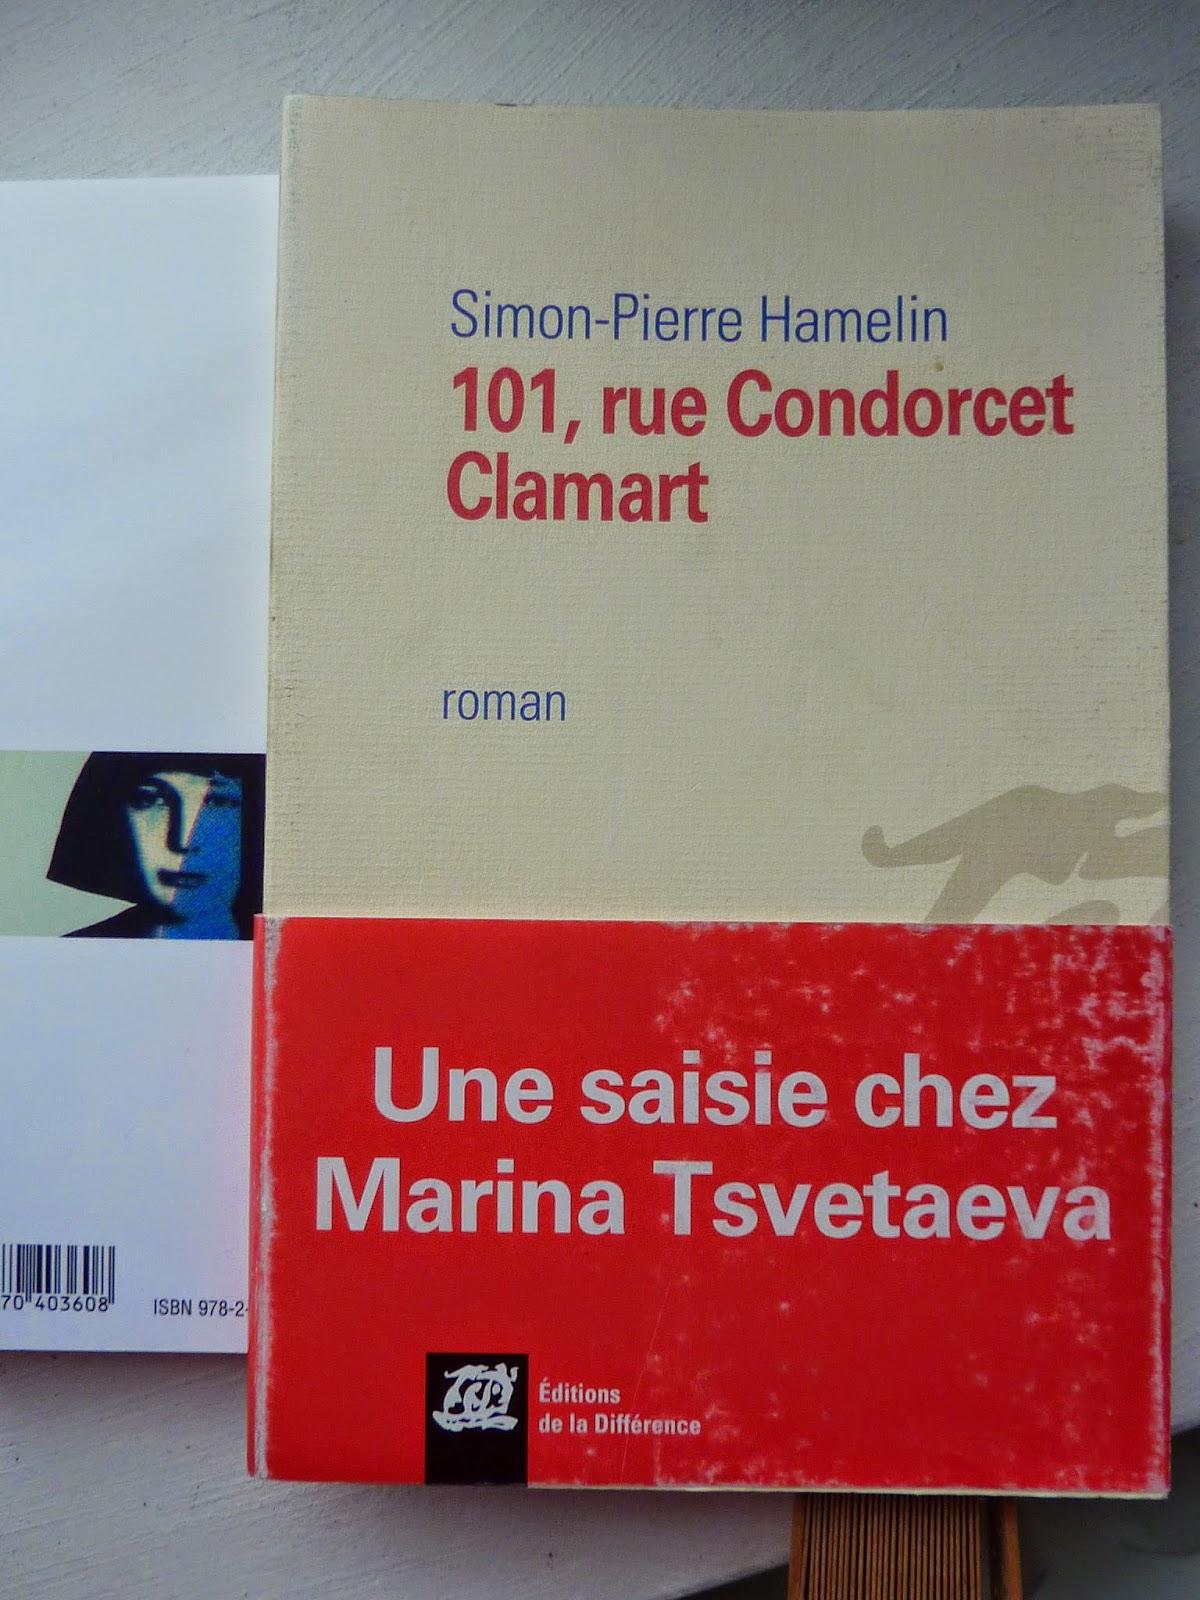 101, rue Condorcet, Clamart